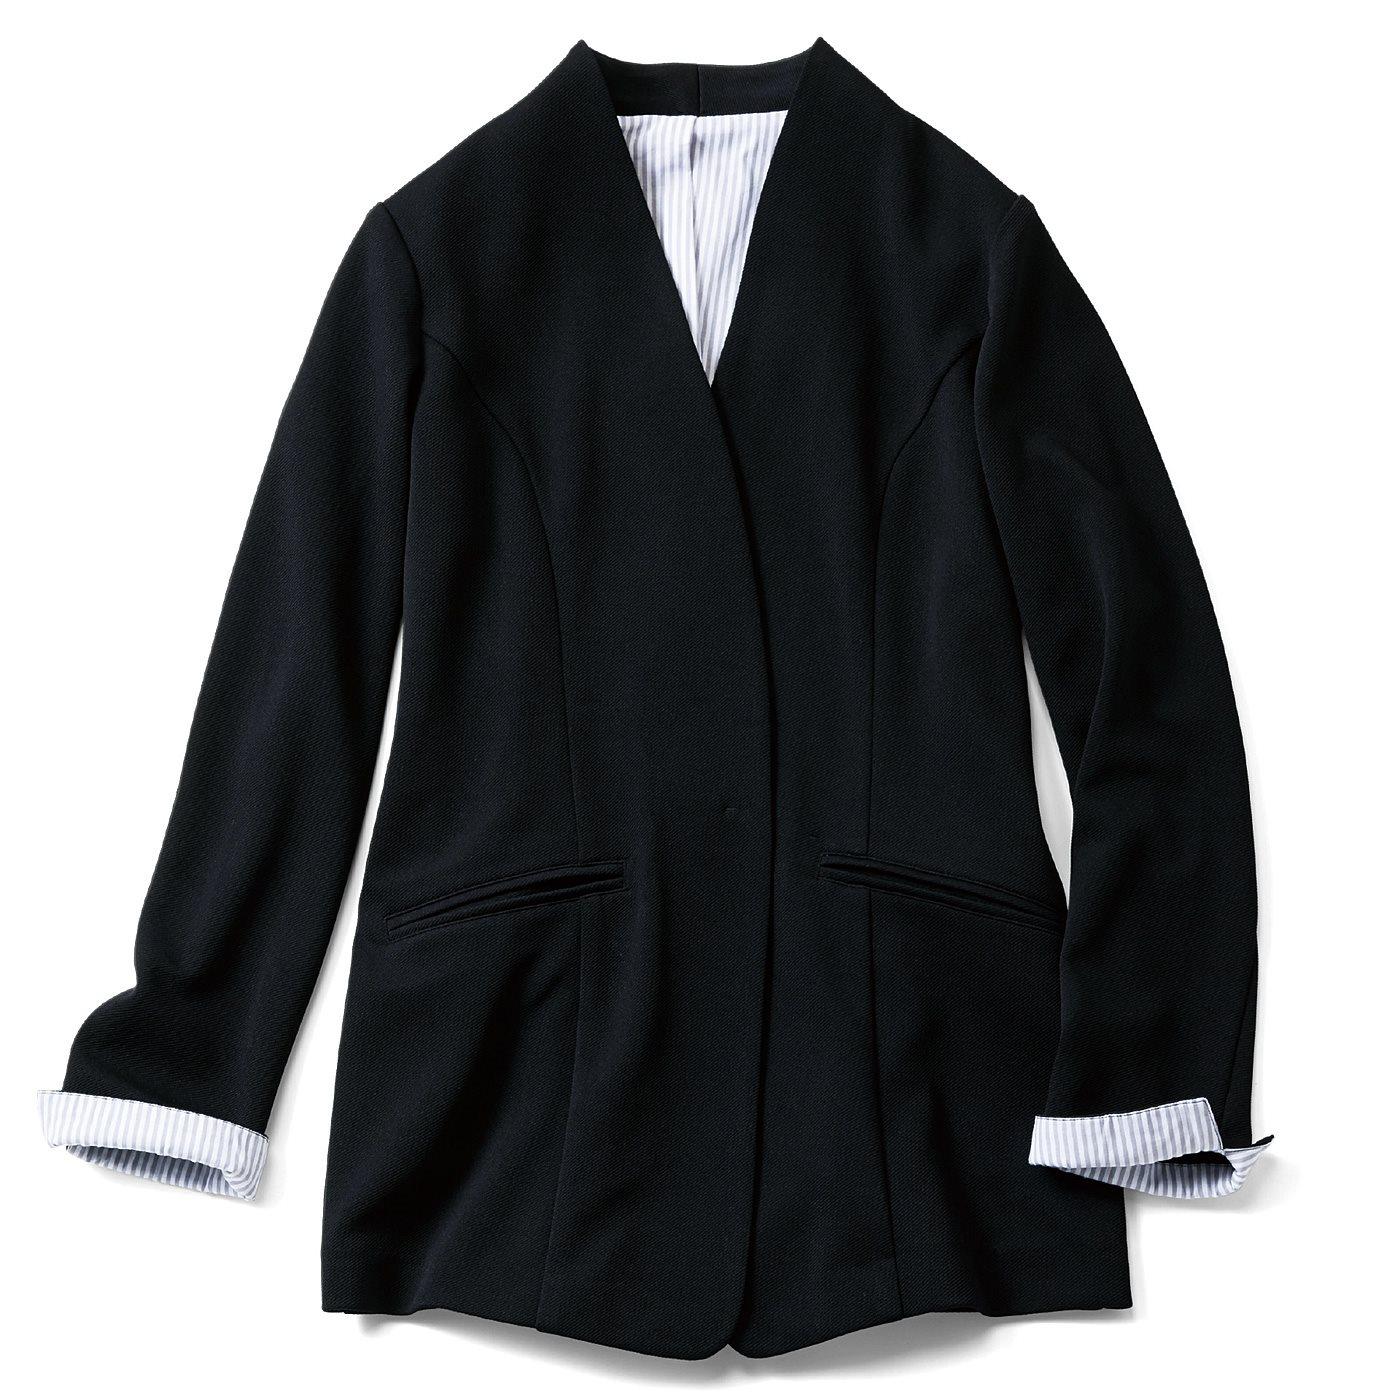 フェリシモ IEDIT[イディット] 吸汗速乾&マシンウォッシャブルがうれしい バレエフィット(R)ジャケット〈ブラック〉